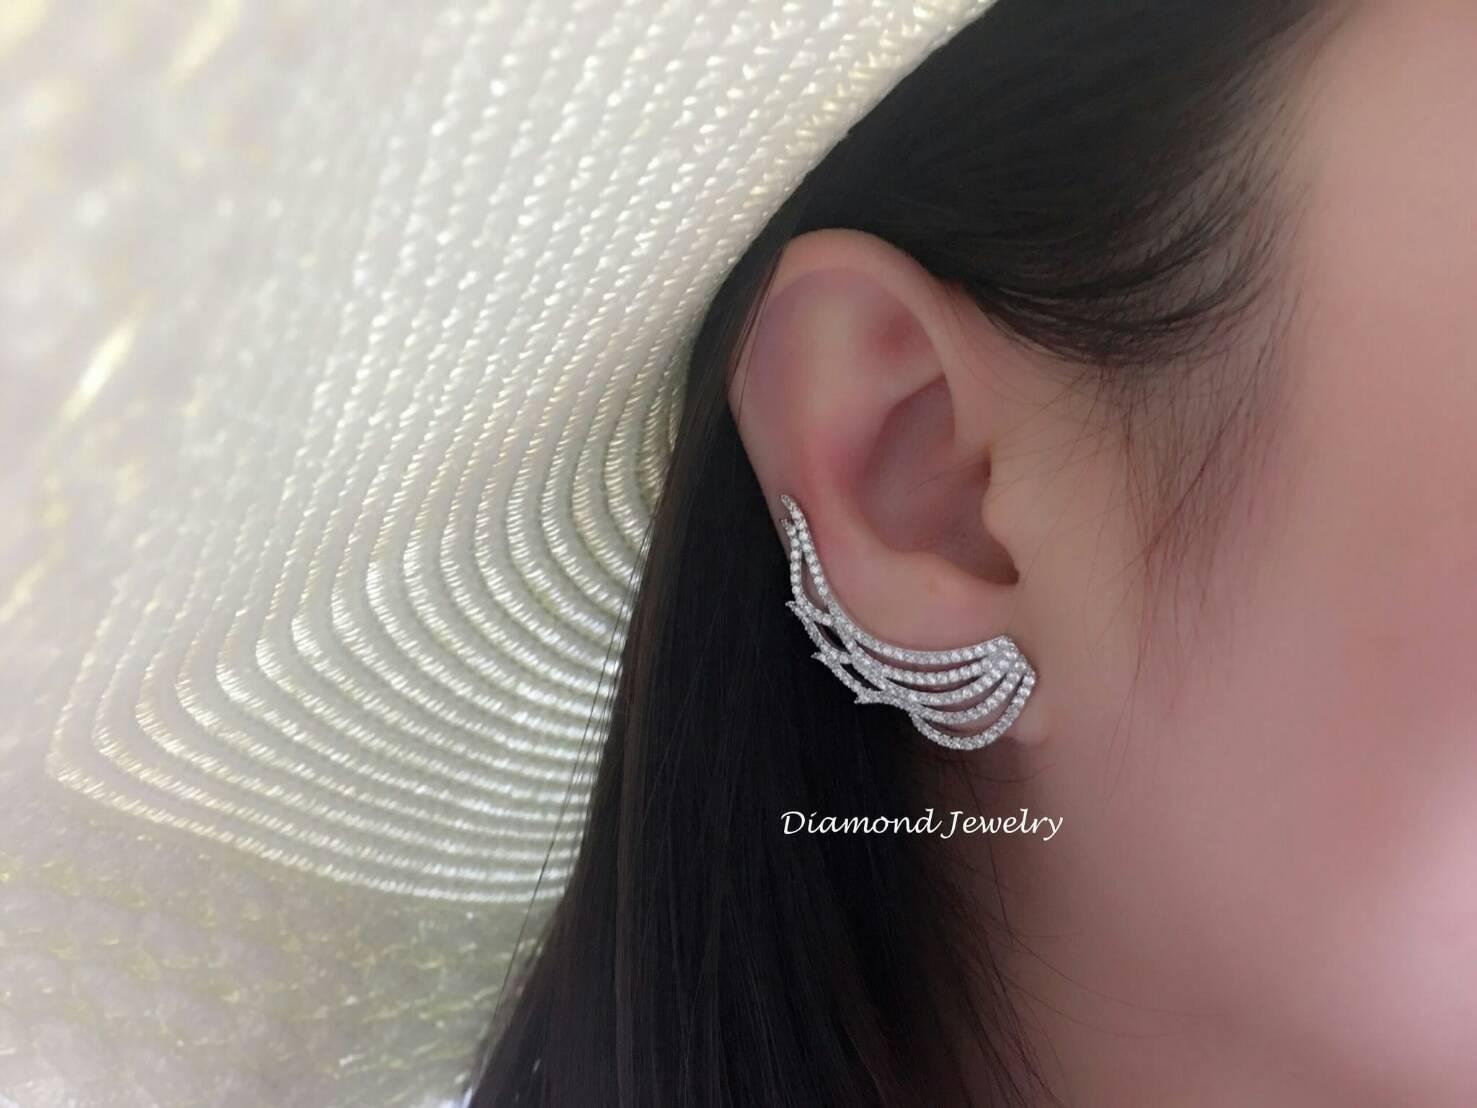 พร้อมส่ง Diamond Earring งานเพชร CZ แท้ ดีไซส์งานเกี่ยวอ้อมหู